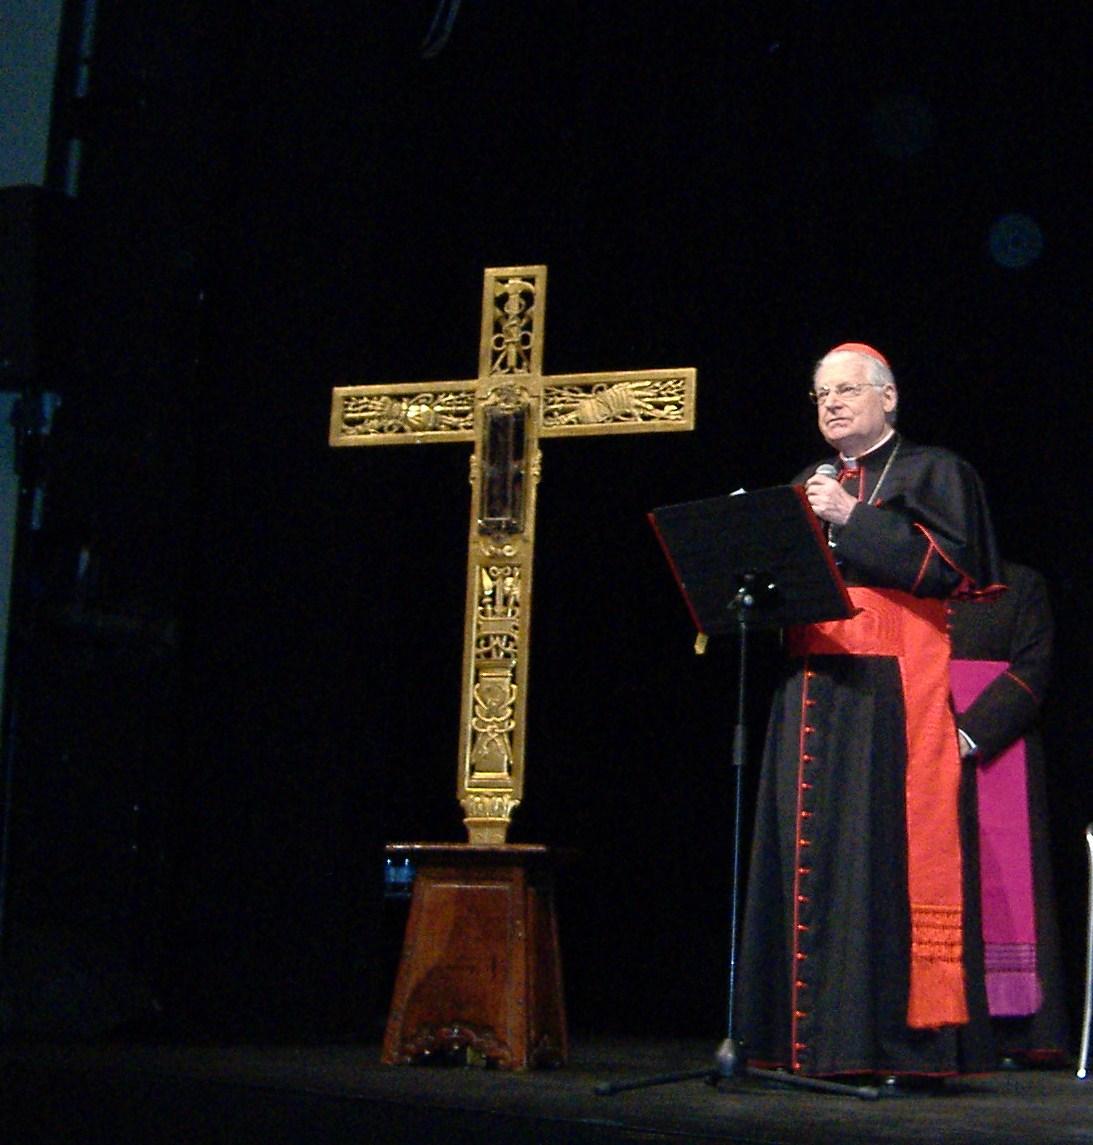 Il Cardinale Scola alla Triennale, simbolo di cultura